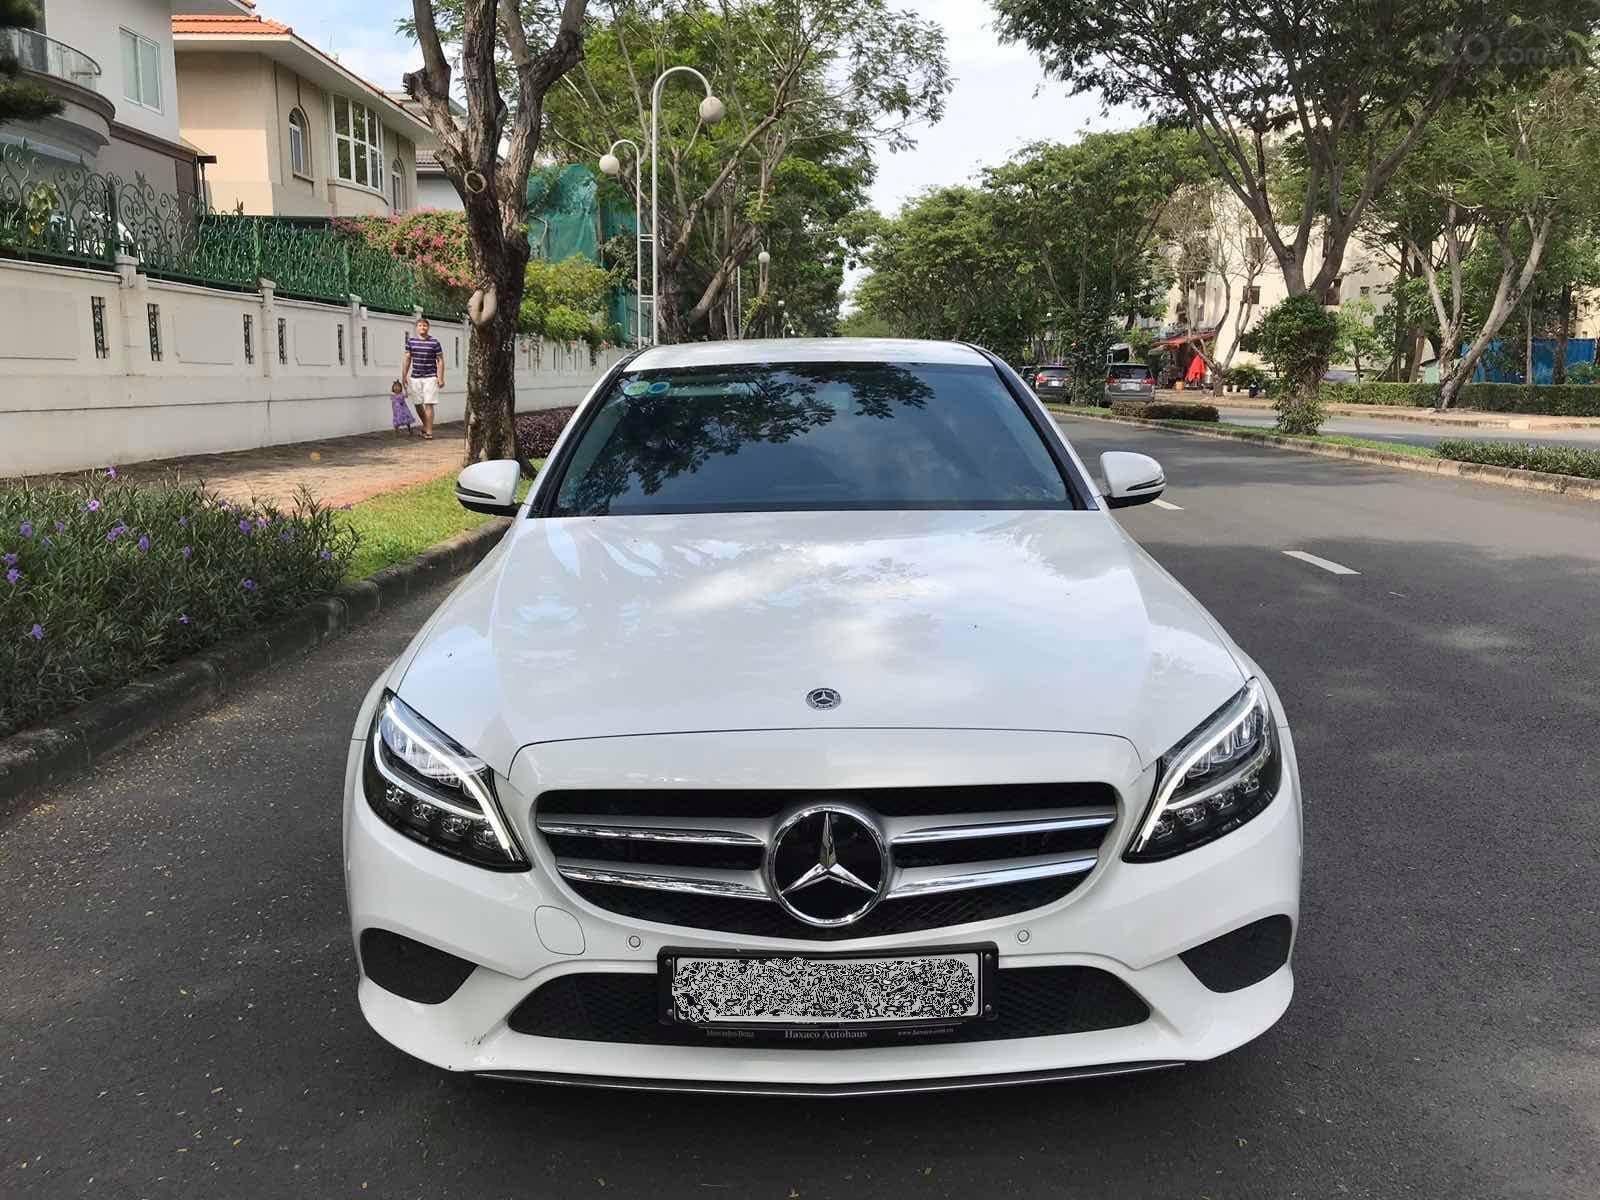 Cần bán gấp Mercedes-Benz C200 class đăng ký lần đầu 2019, màu trắng xe gia đình giá 1 tỷ 420 triệu đồng (1)